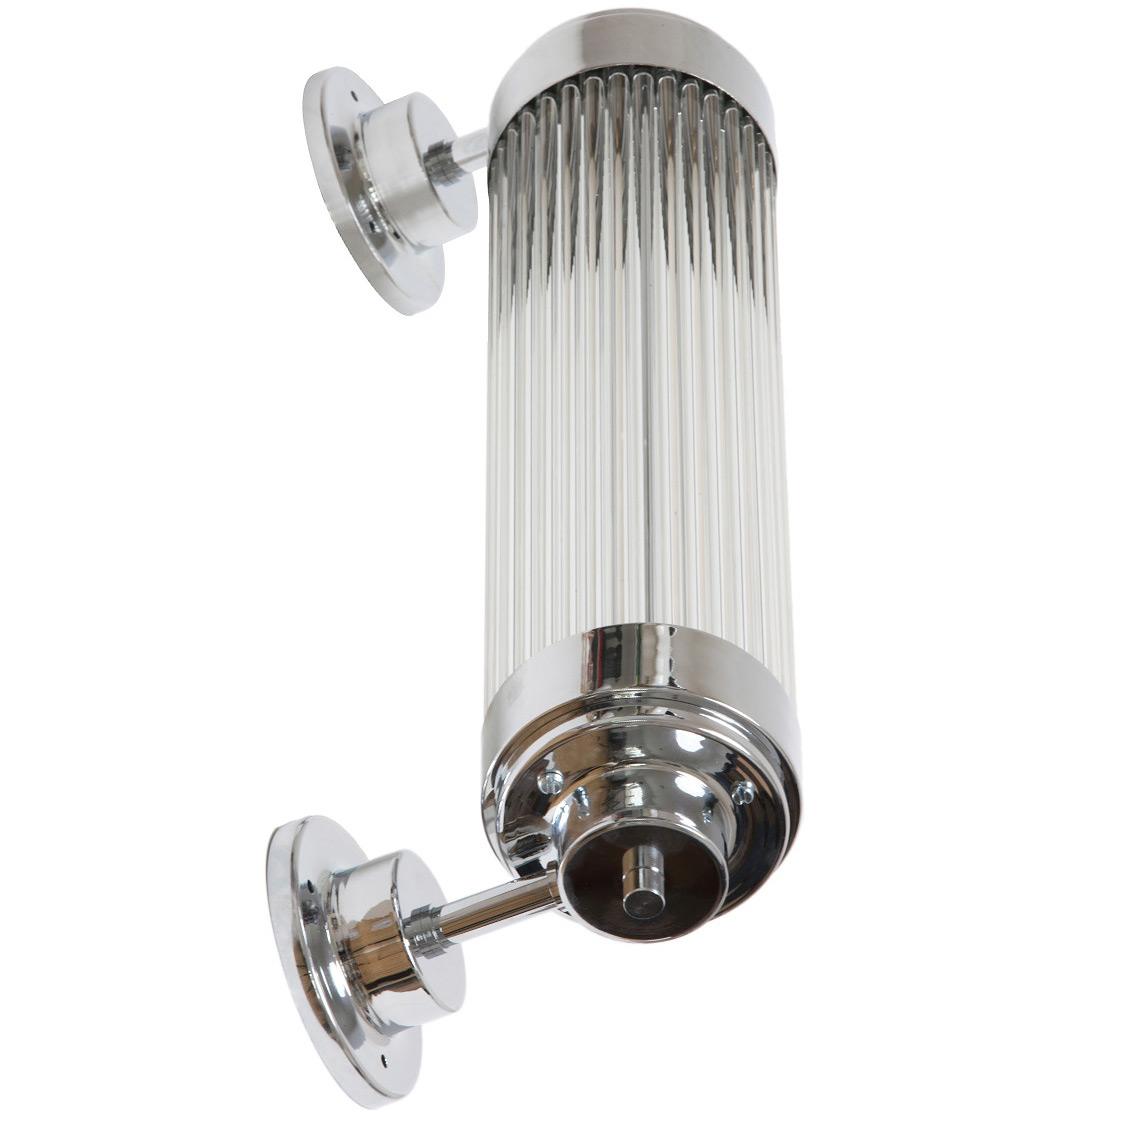 exklusive led wandleuchte auch fr badezimmer von davey lighting bild 6 exklusive - Leuchte Fur Badezimmer